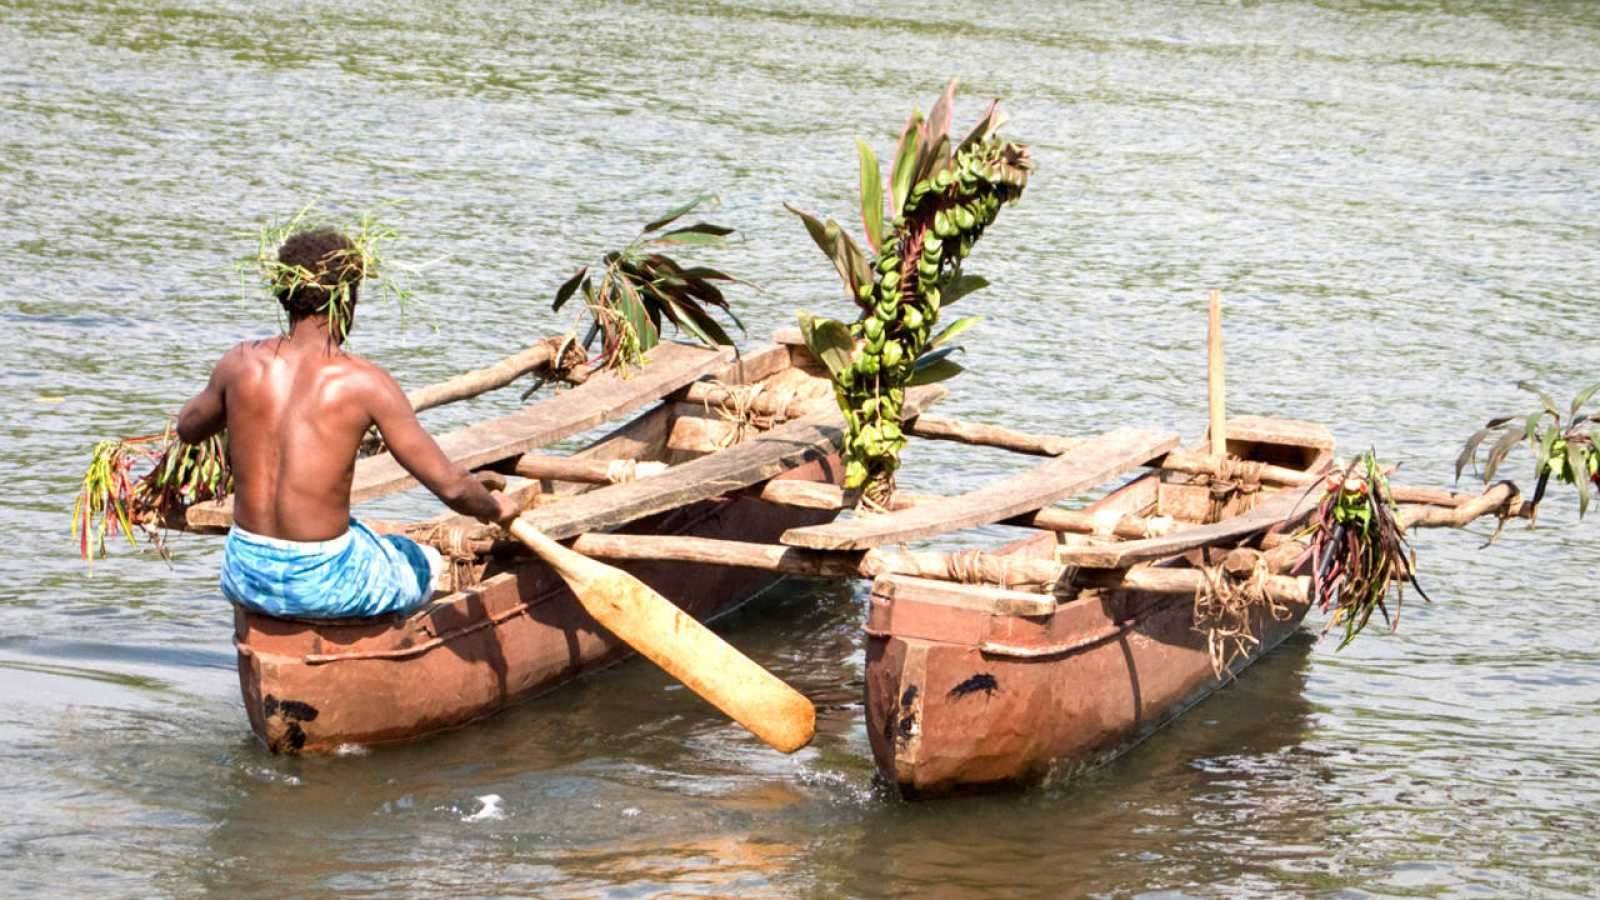 La arqueología consideraba que los lapita, pueblo de exploradores marinos, procedía de Nueva Guinea o de alguna otra región de Australasia.